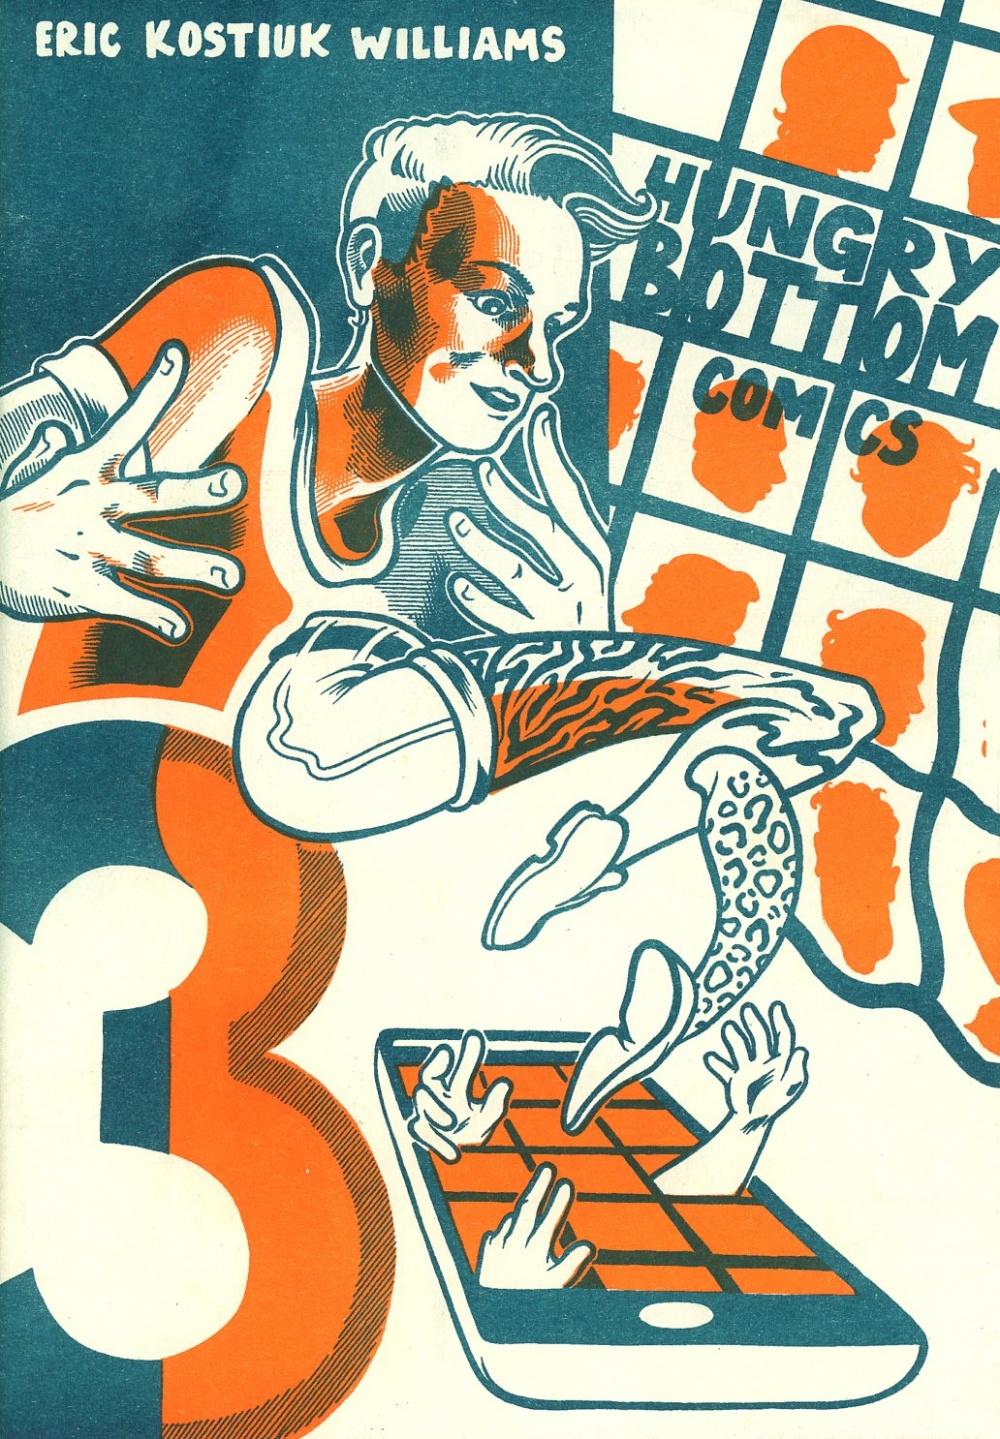 Hungry Bottom Comics 3